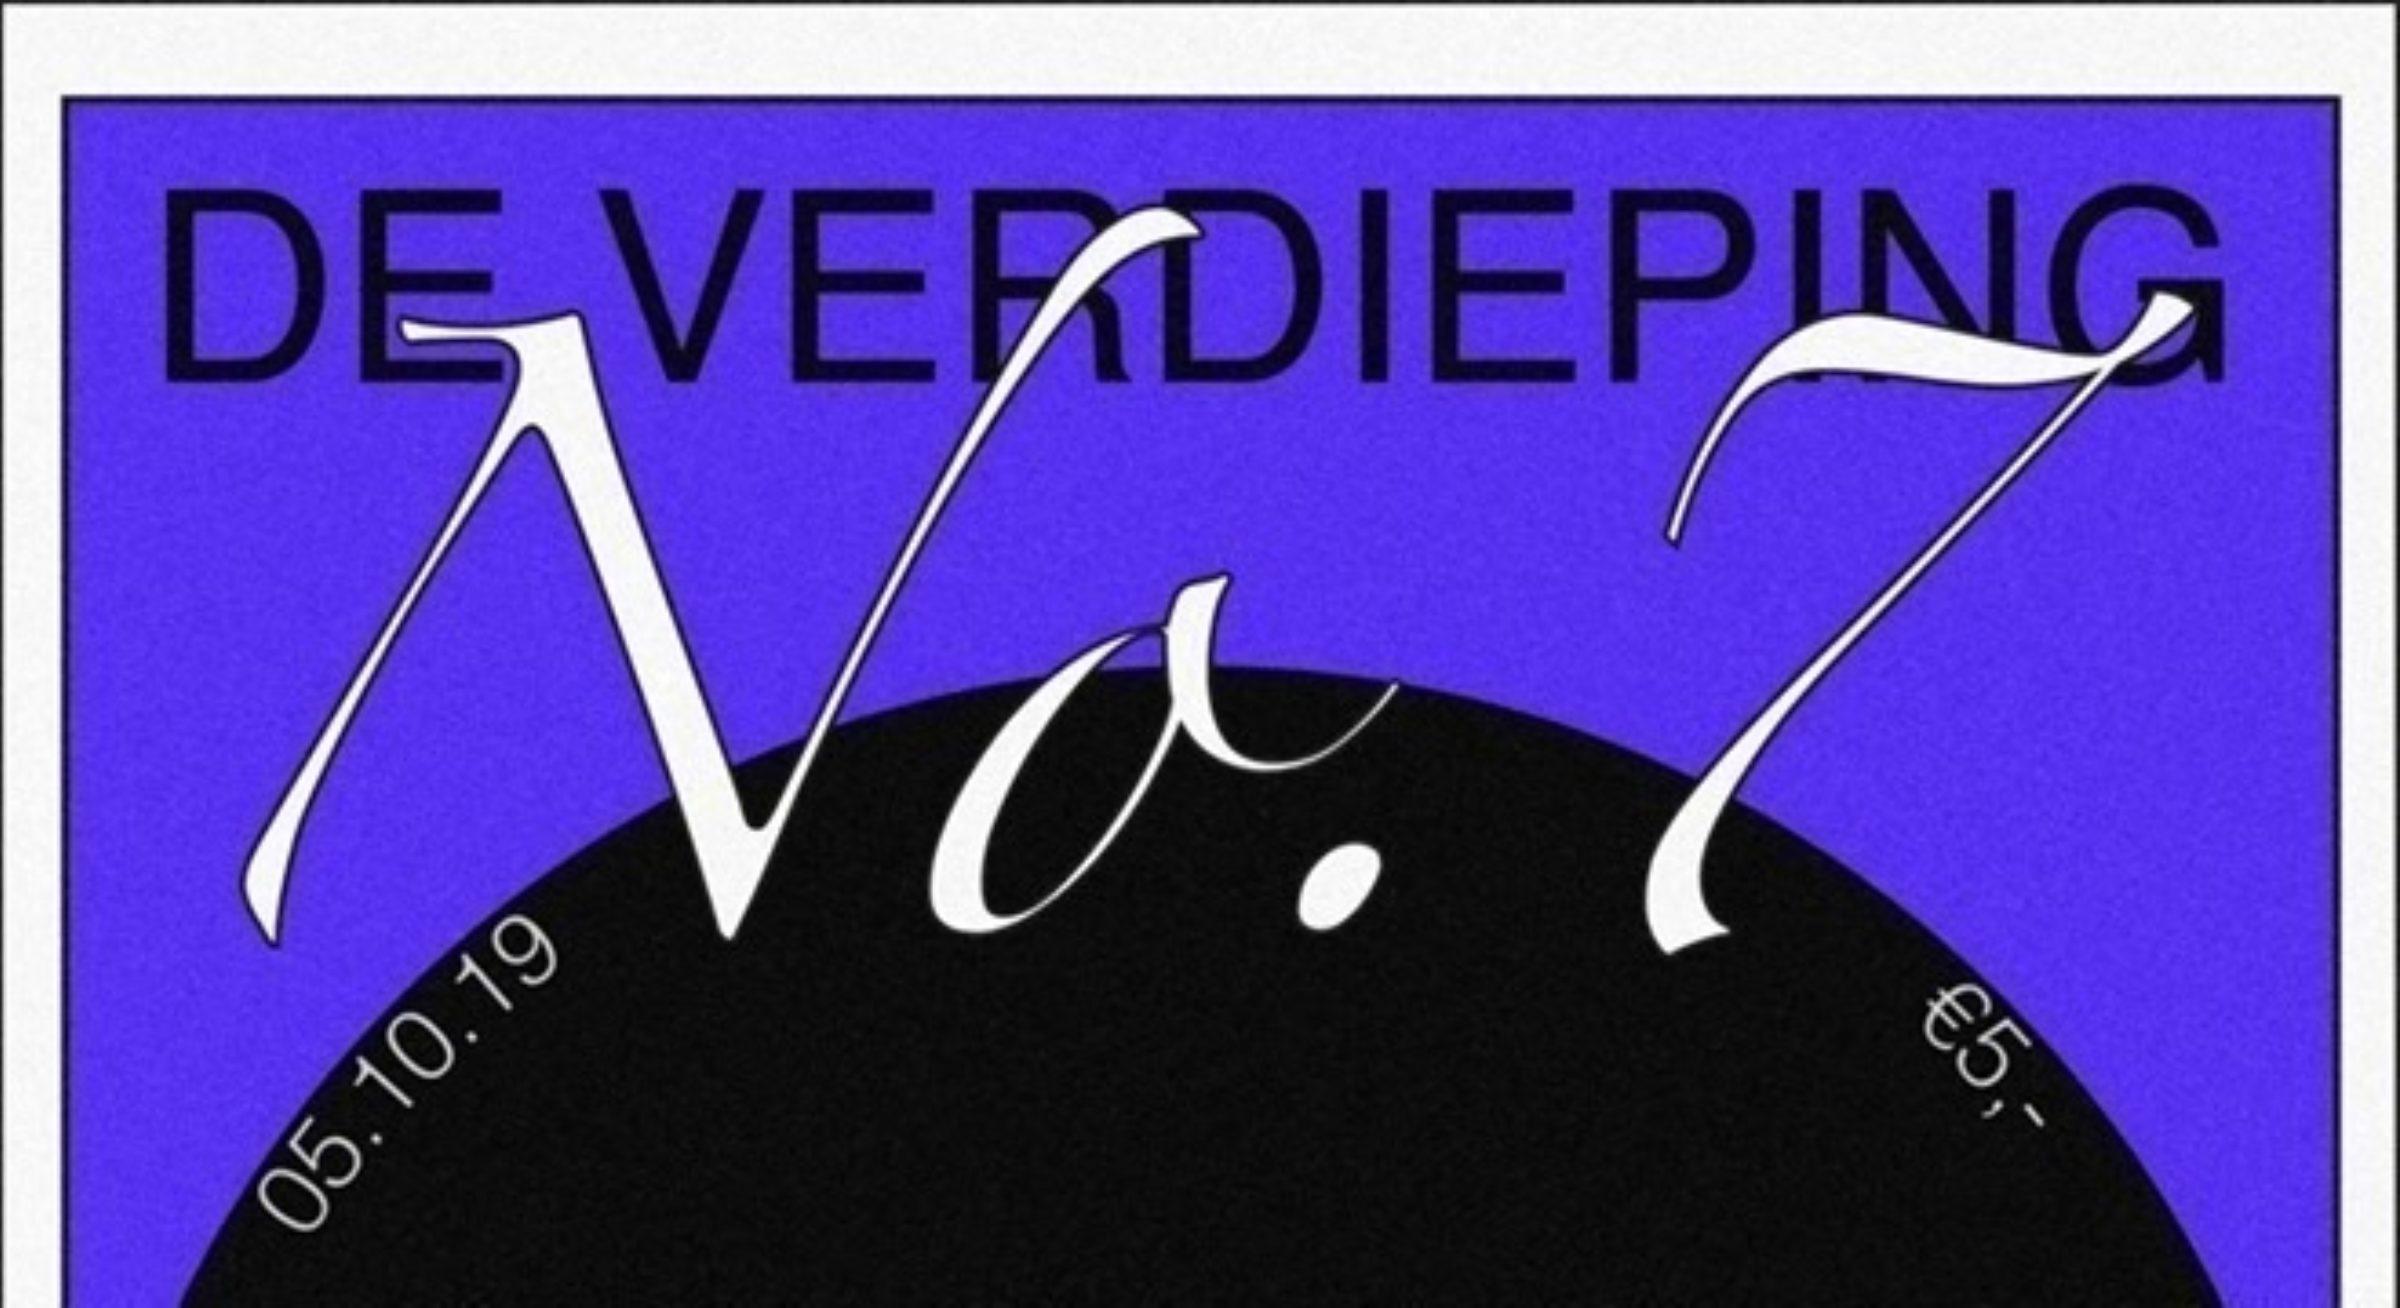 De Verdiepingnr07 3450 1568279997 35hxo9zjb4